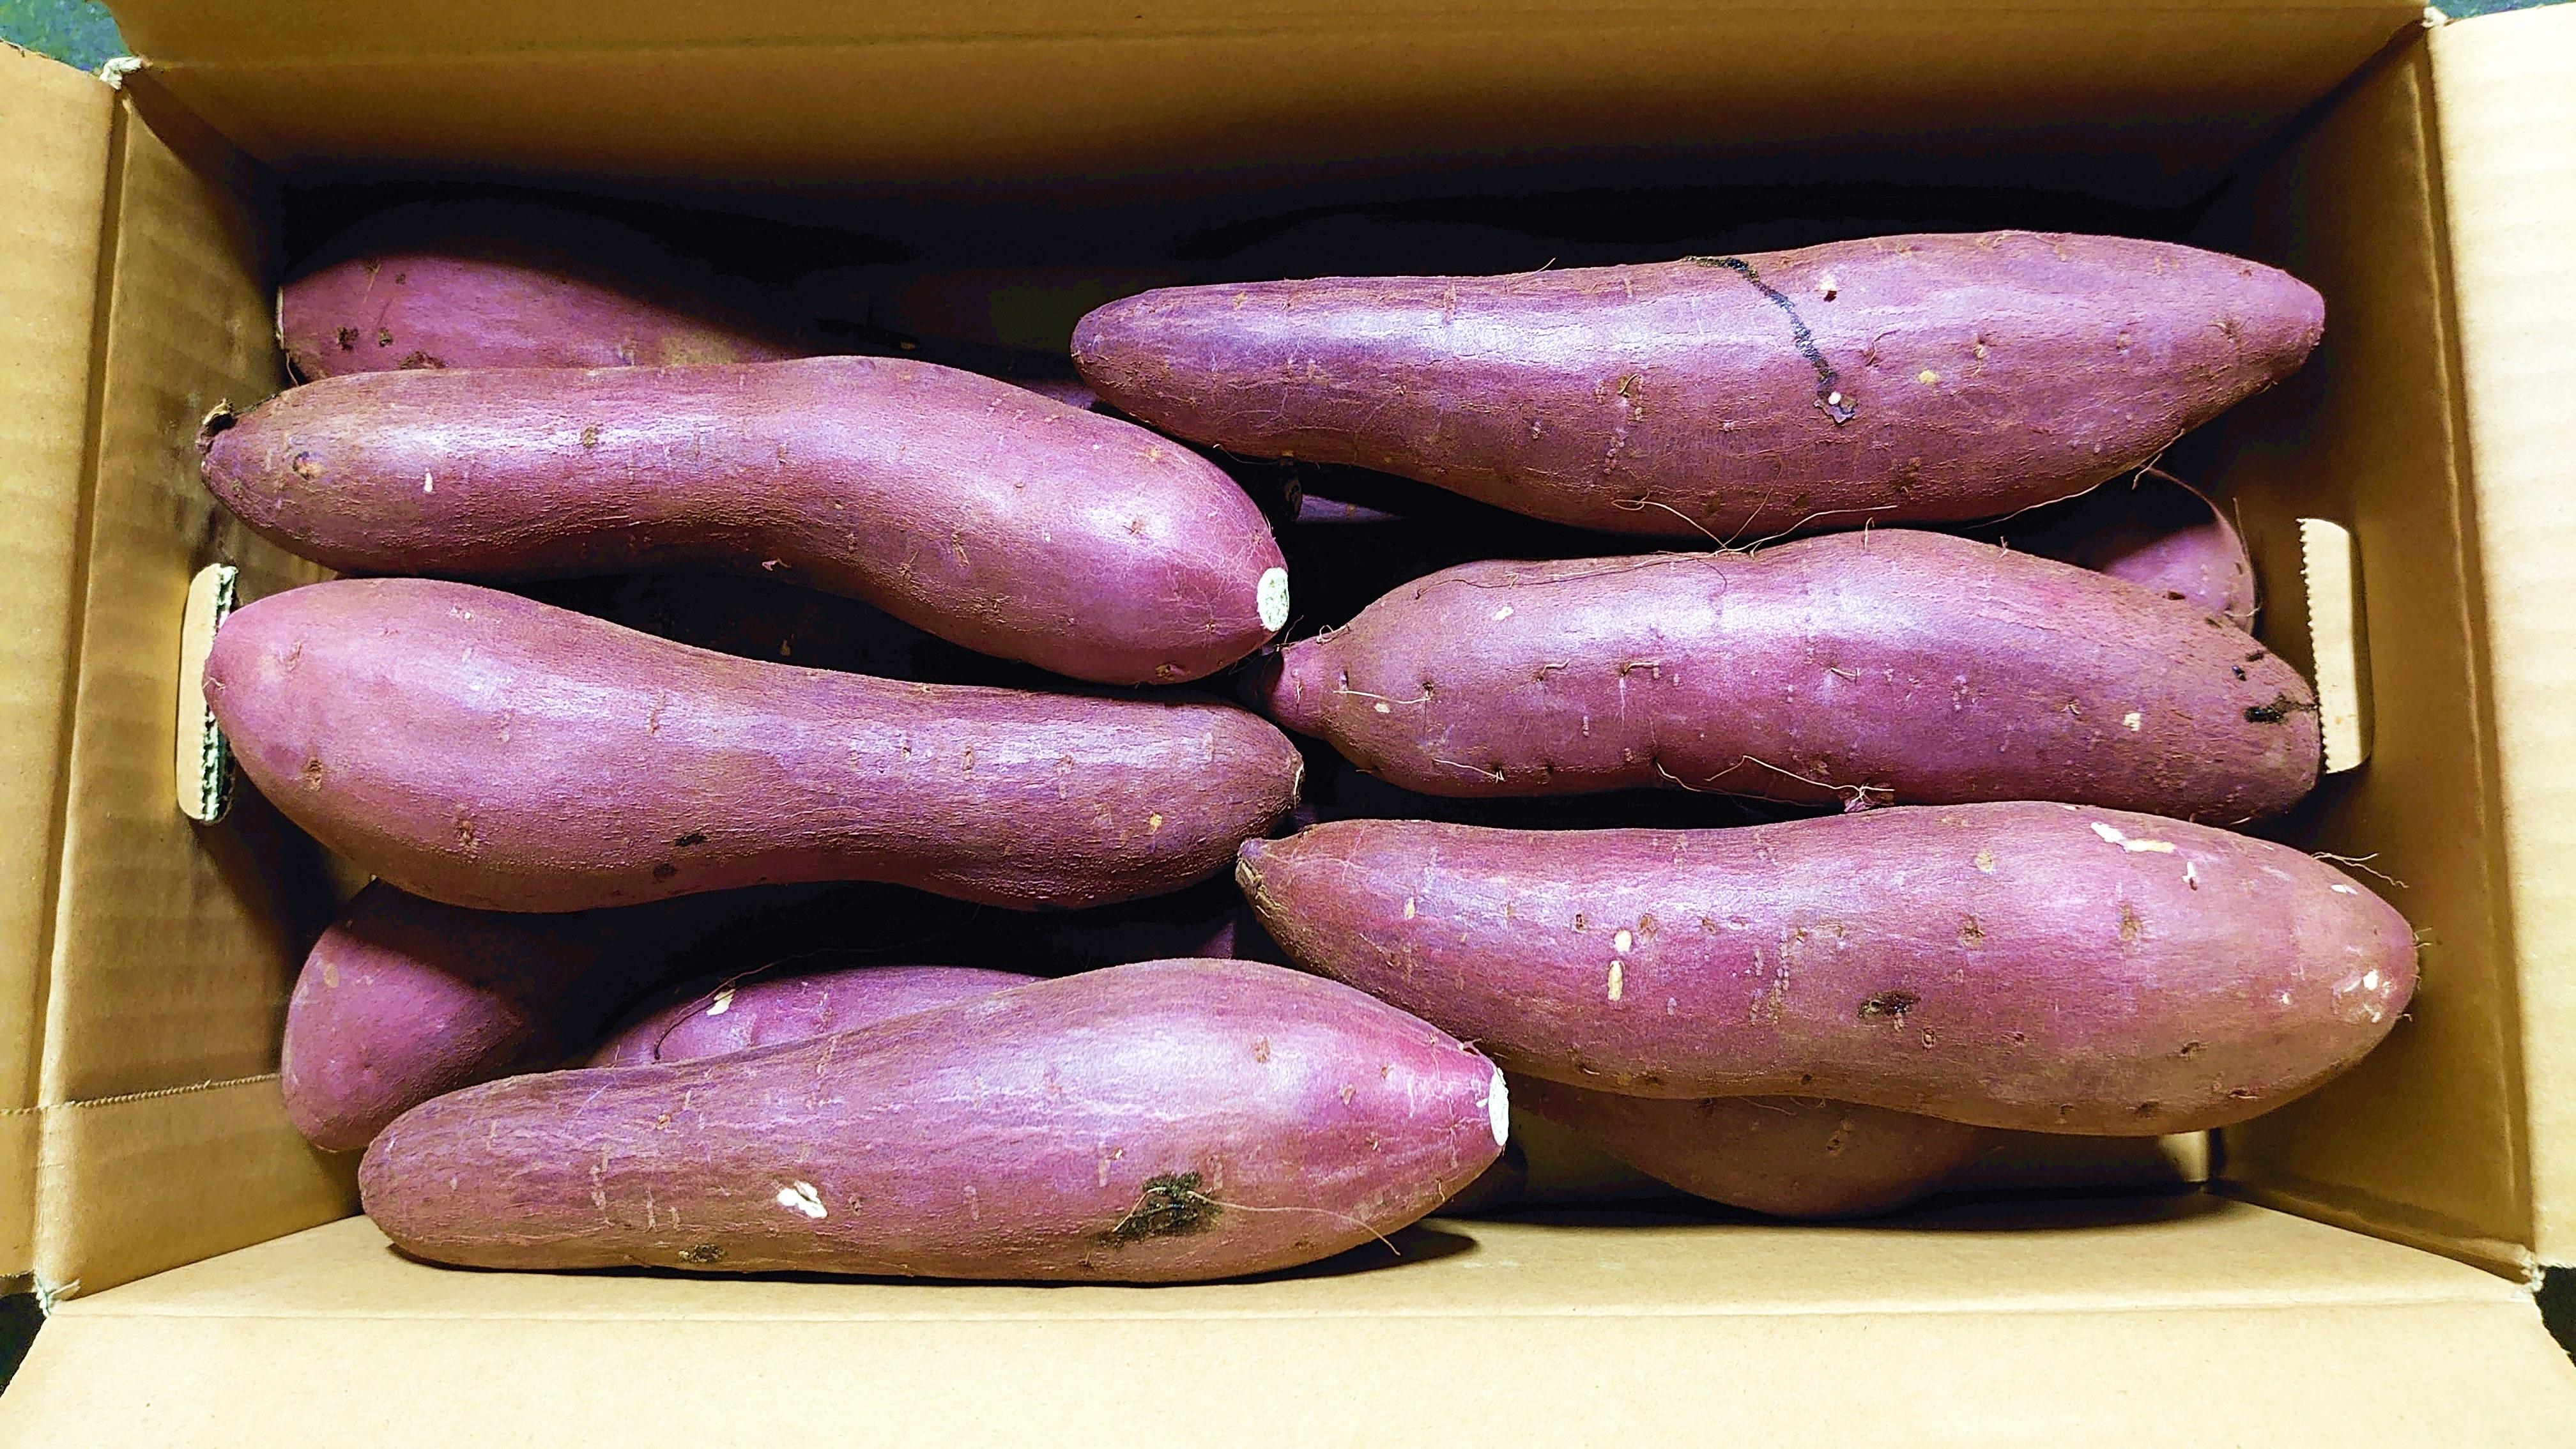 ★二台巨頭!安納芋と人気を二分している「紅はるか」のご紹介です。